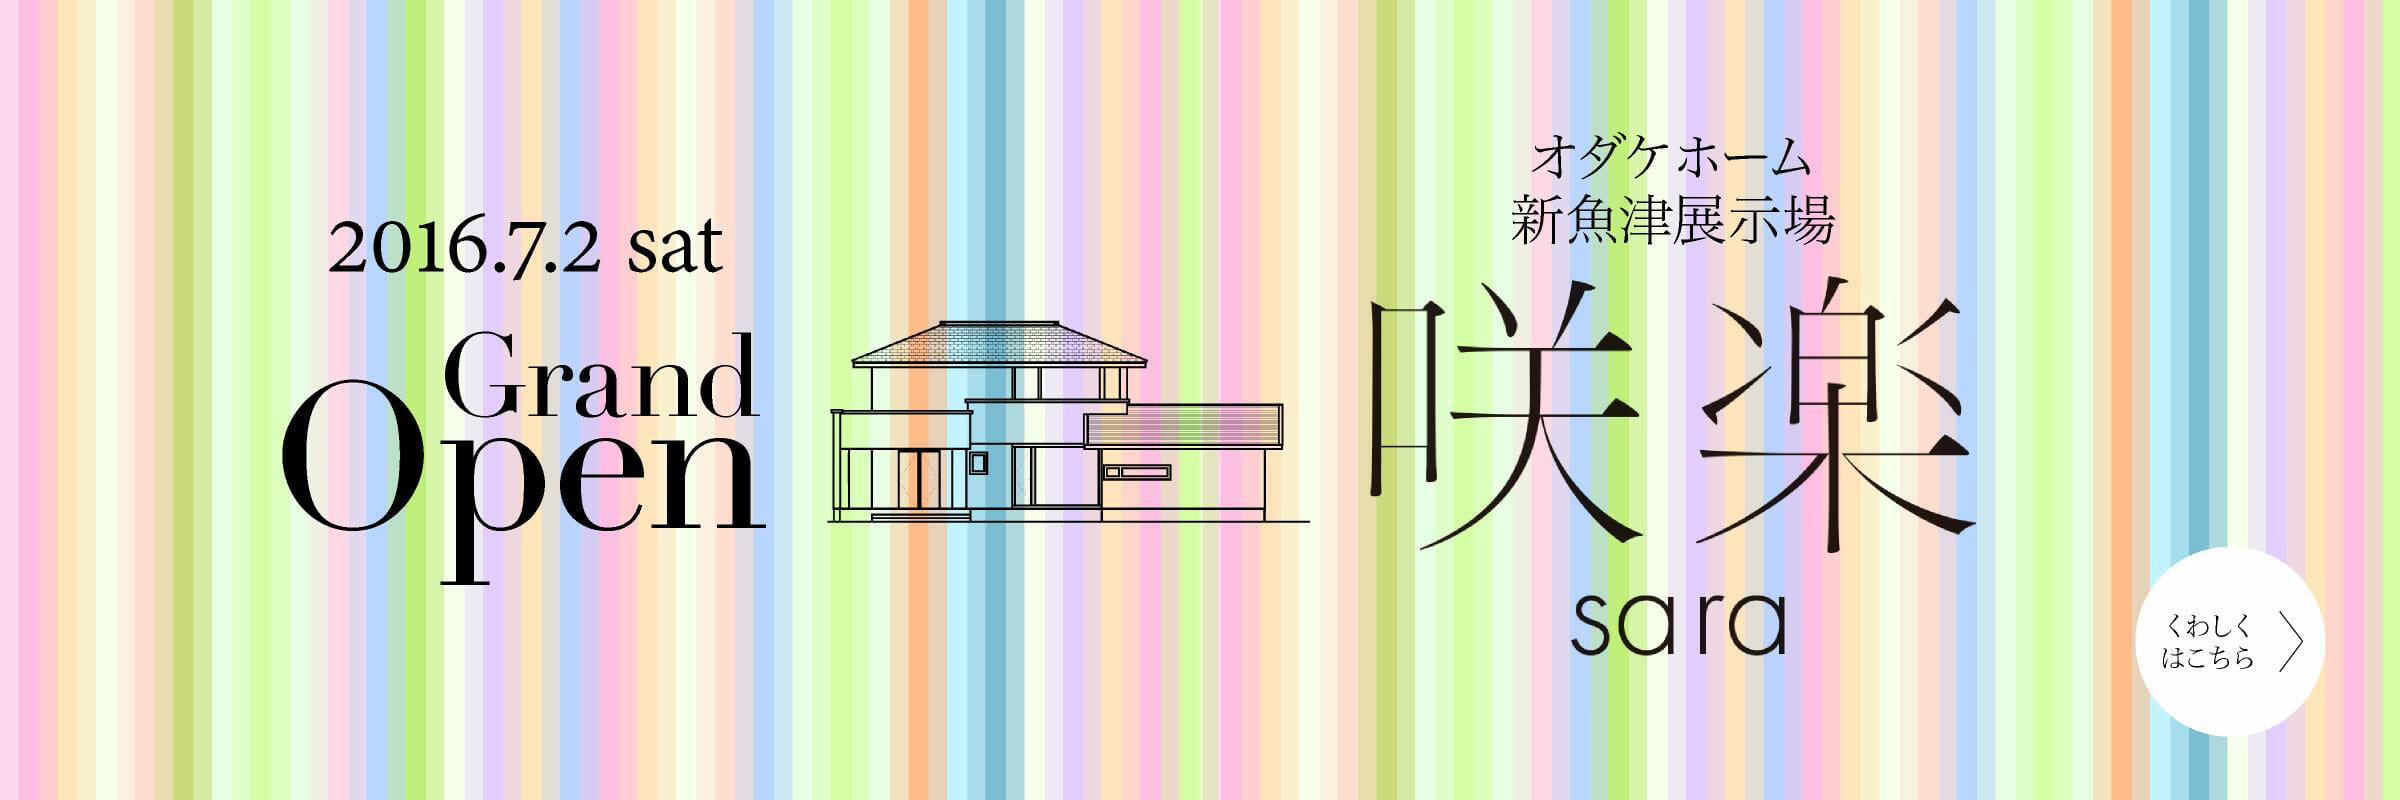 魚津新展示場 咲楽